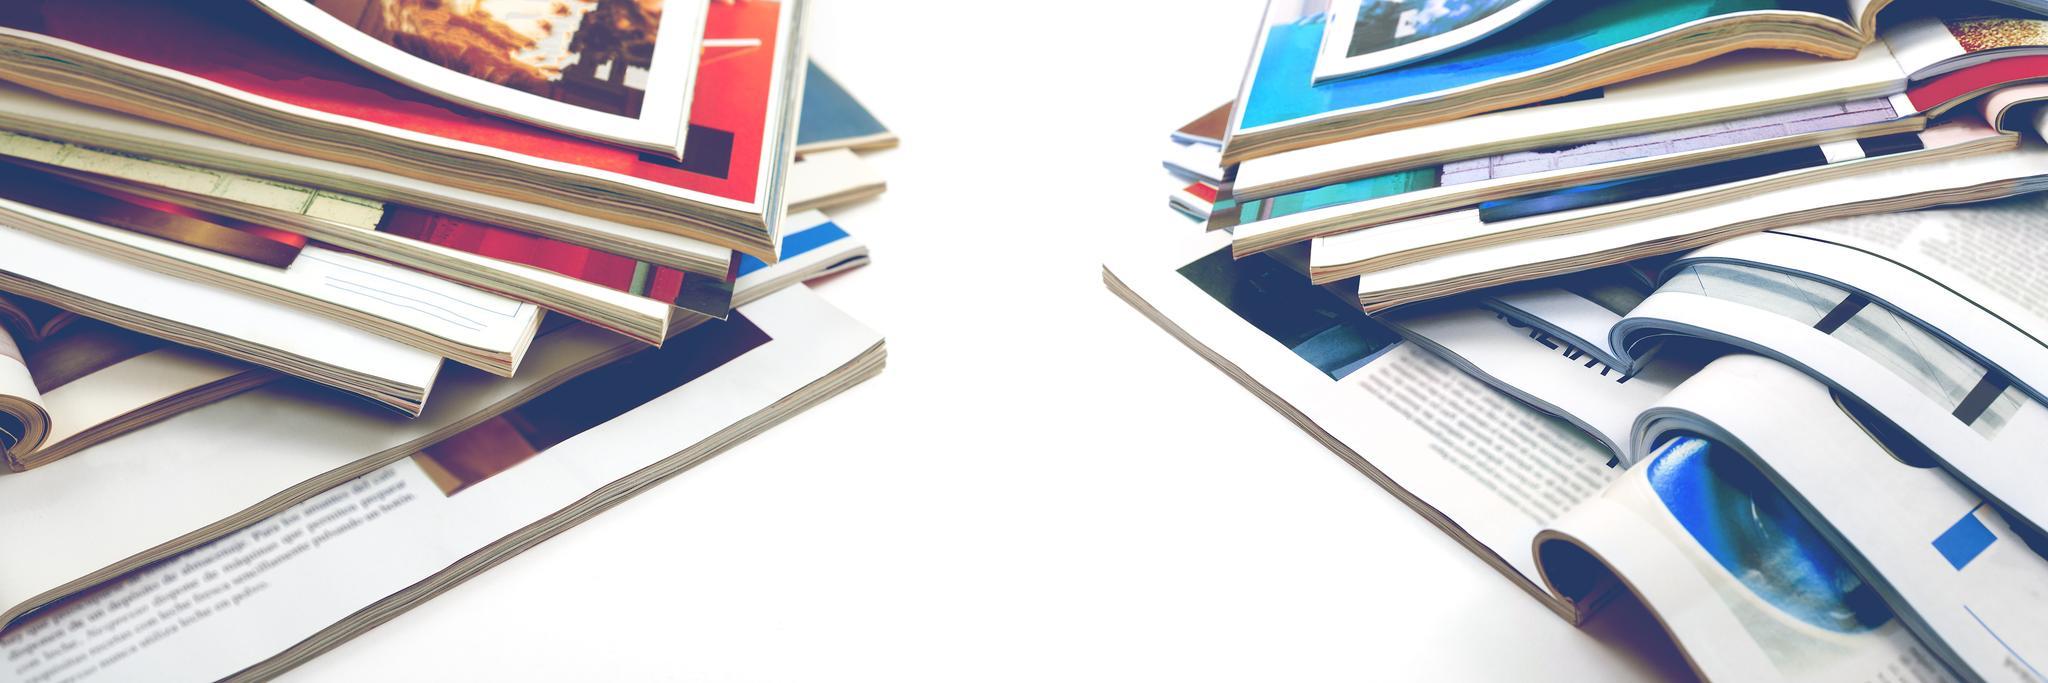 Zeitschriftenstapel auf weißem Untergrund